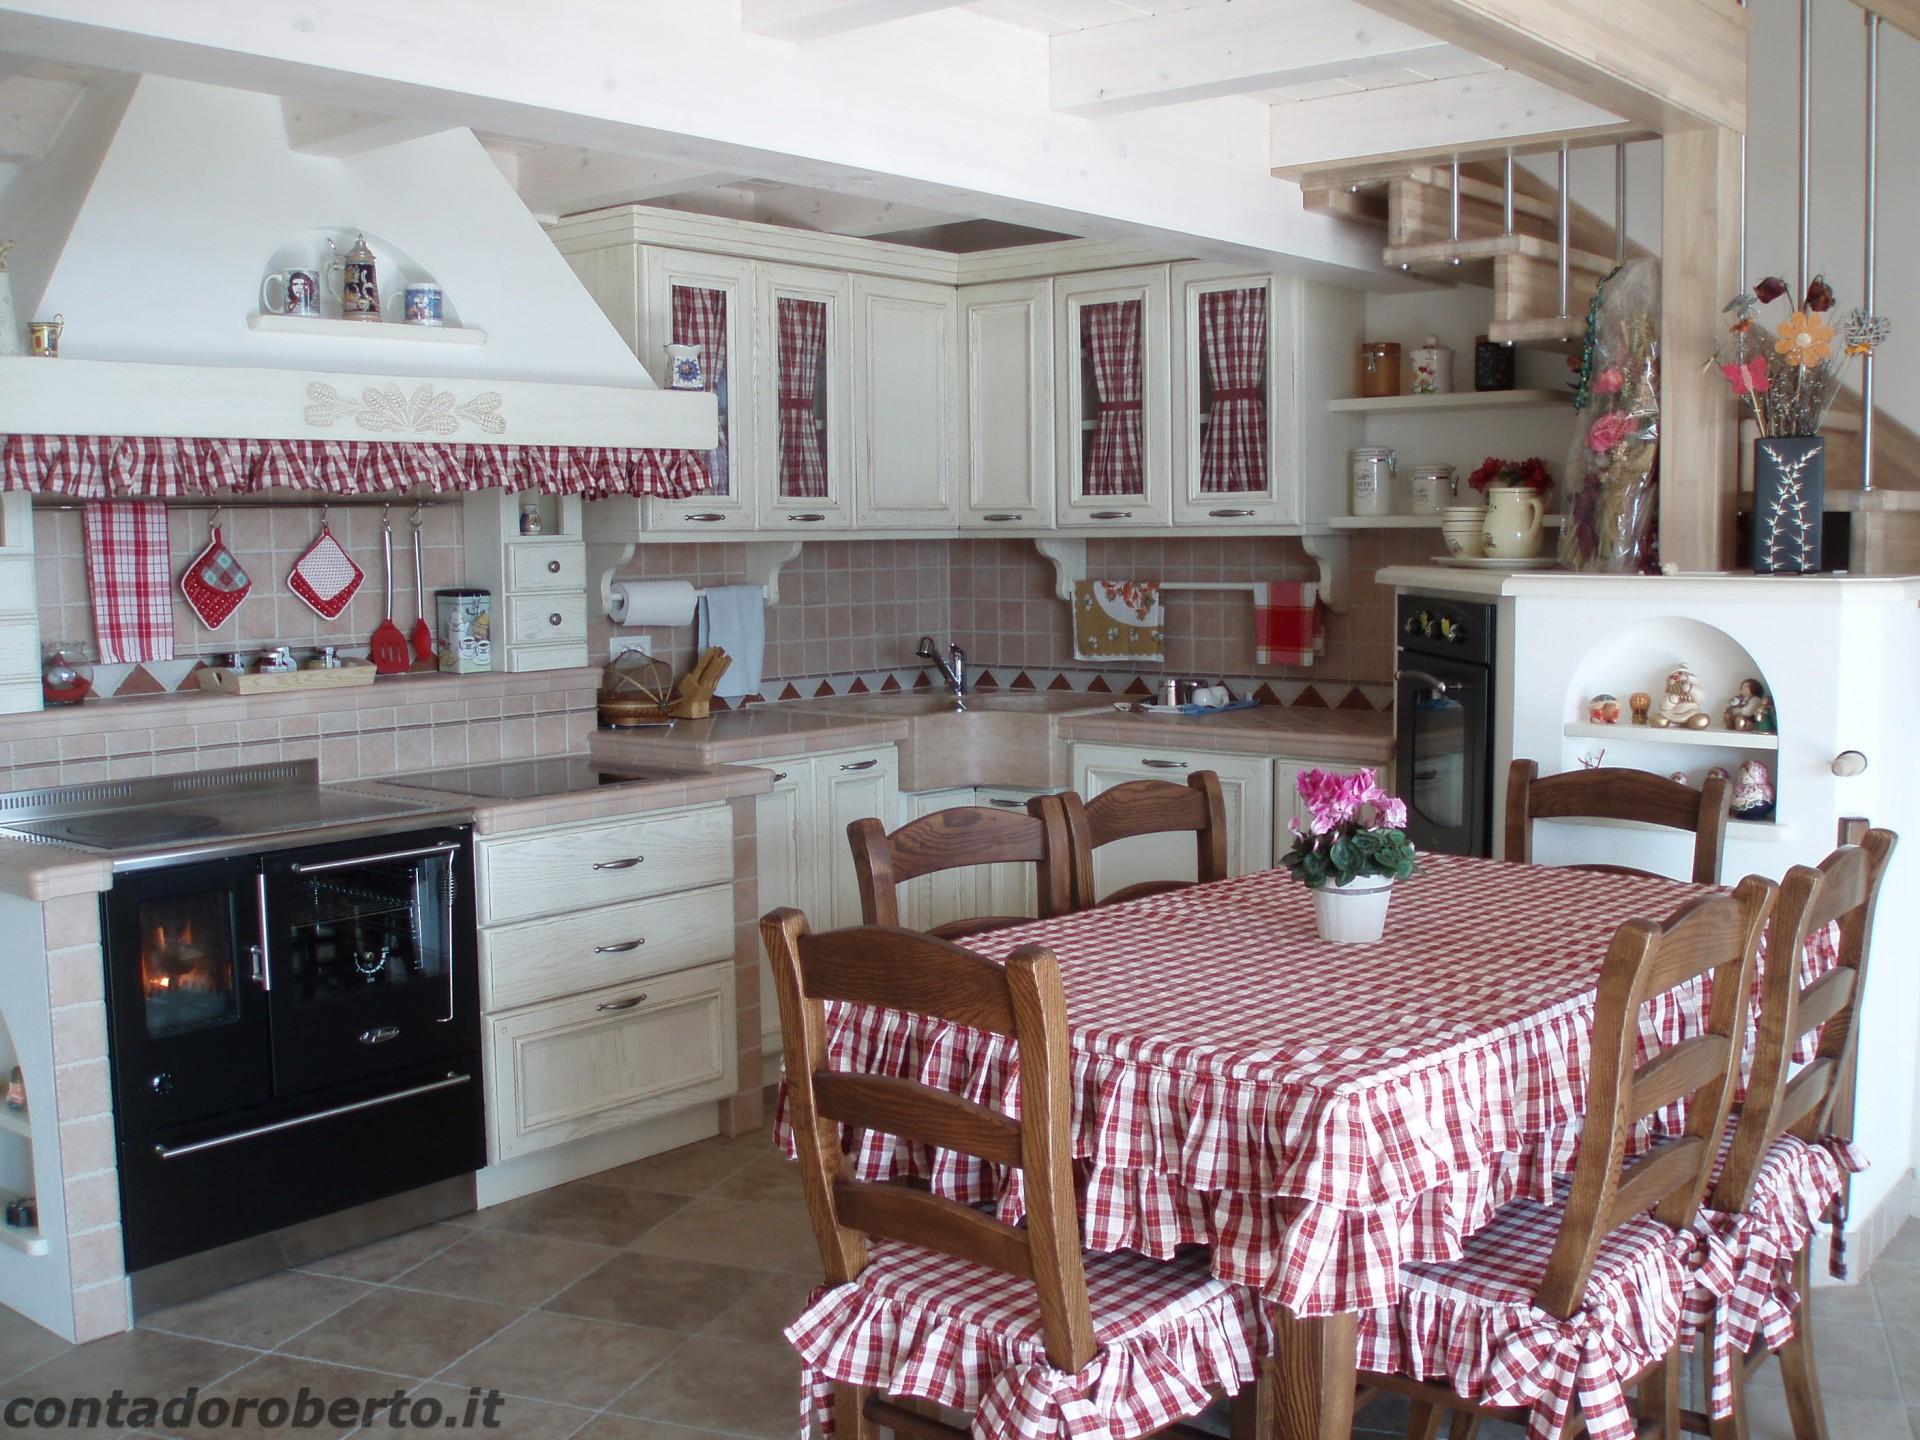 Cucina in muratura sotto soppalco contado roberto group cucine e arredamenti su misura in legno - Cucine particolari in muratura ...